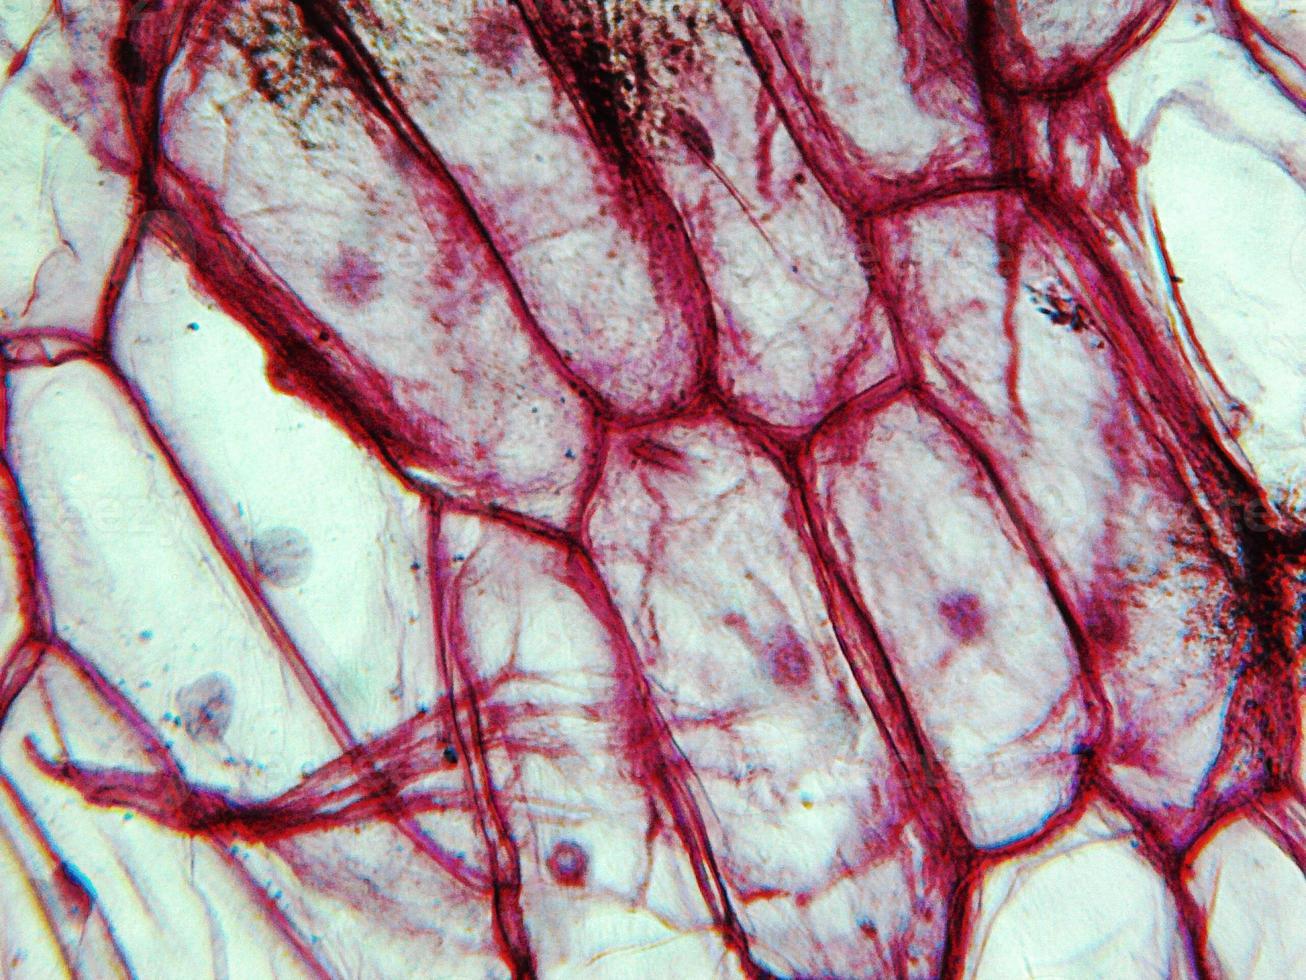 micrografía de epidermus de cebolla foto